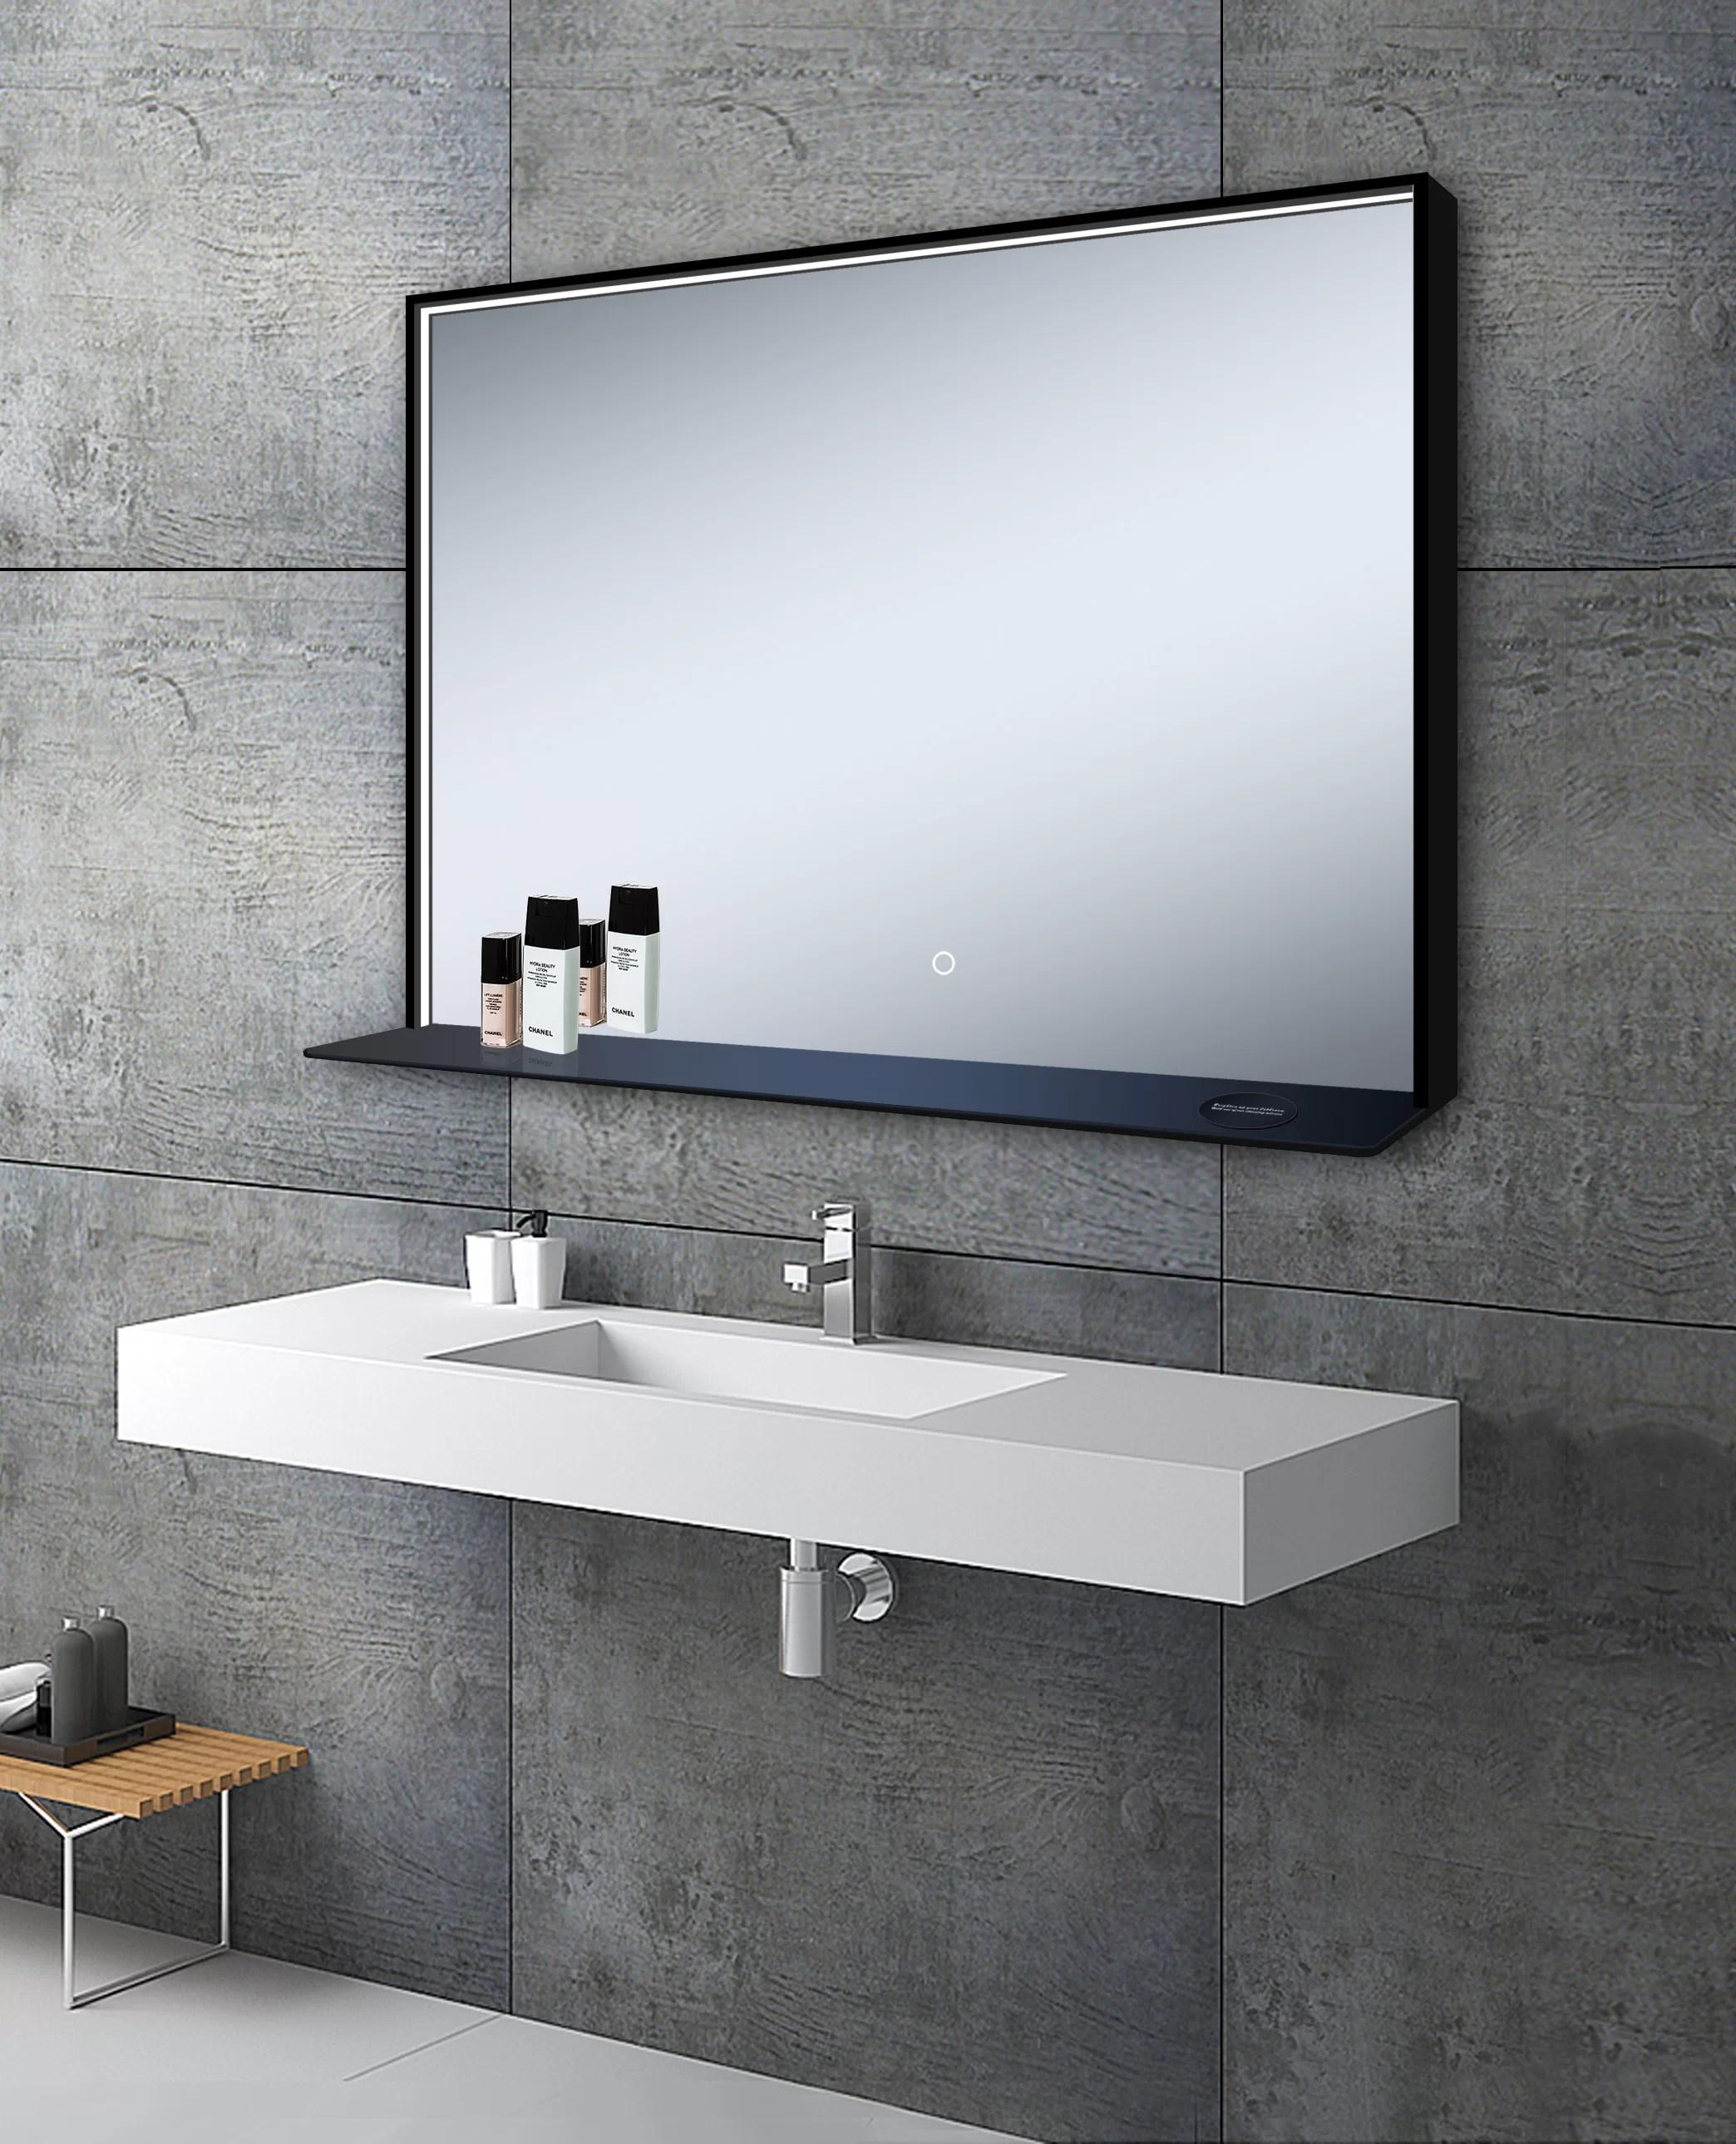 Martino Modern Contemporary Bathroom Vanity Mirror